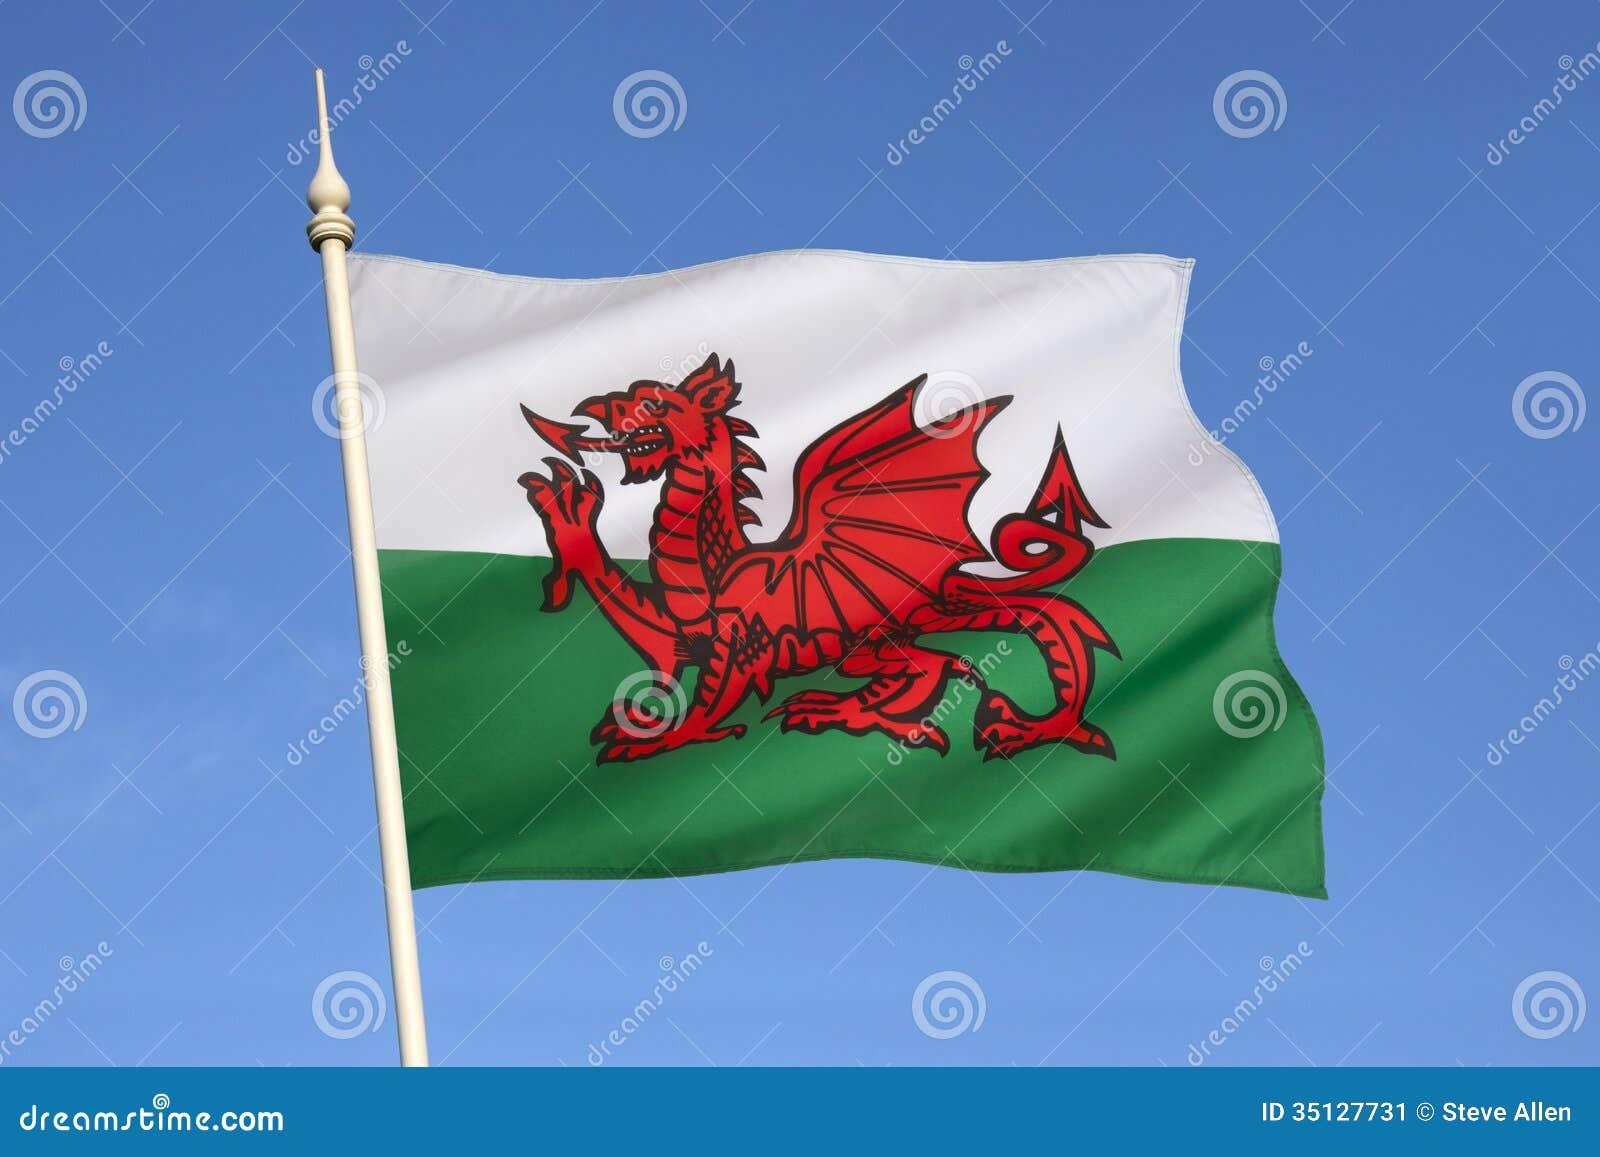 drapeau du pays de galles le royaume uni image stock